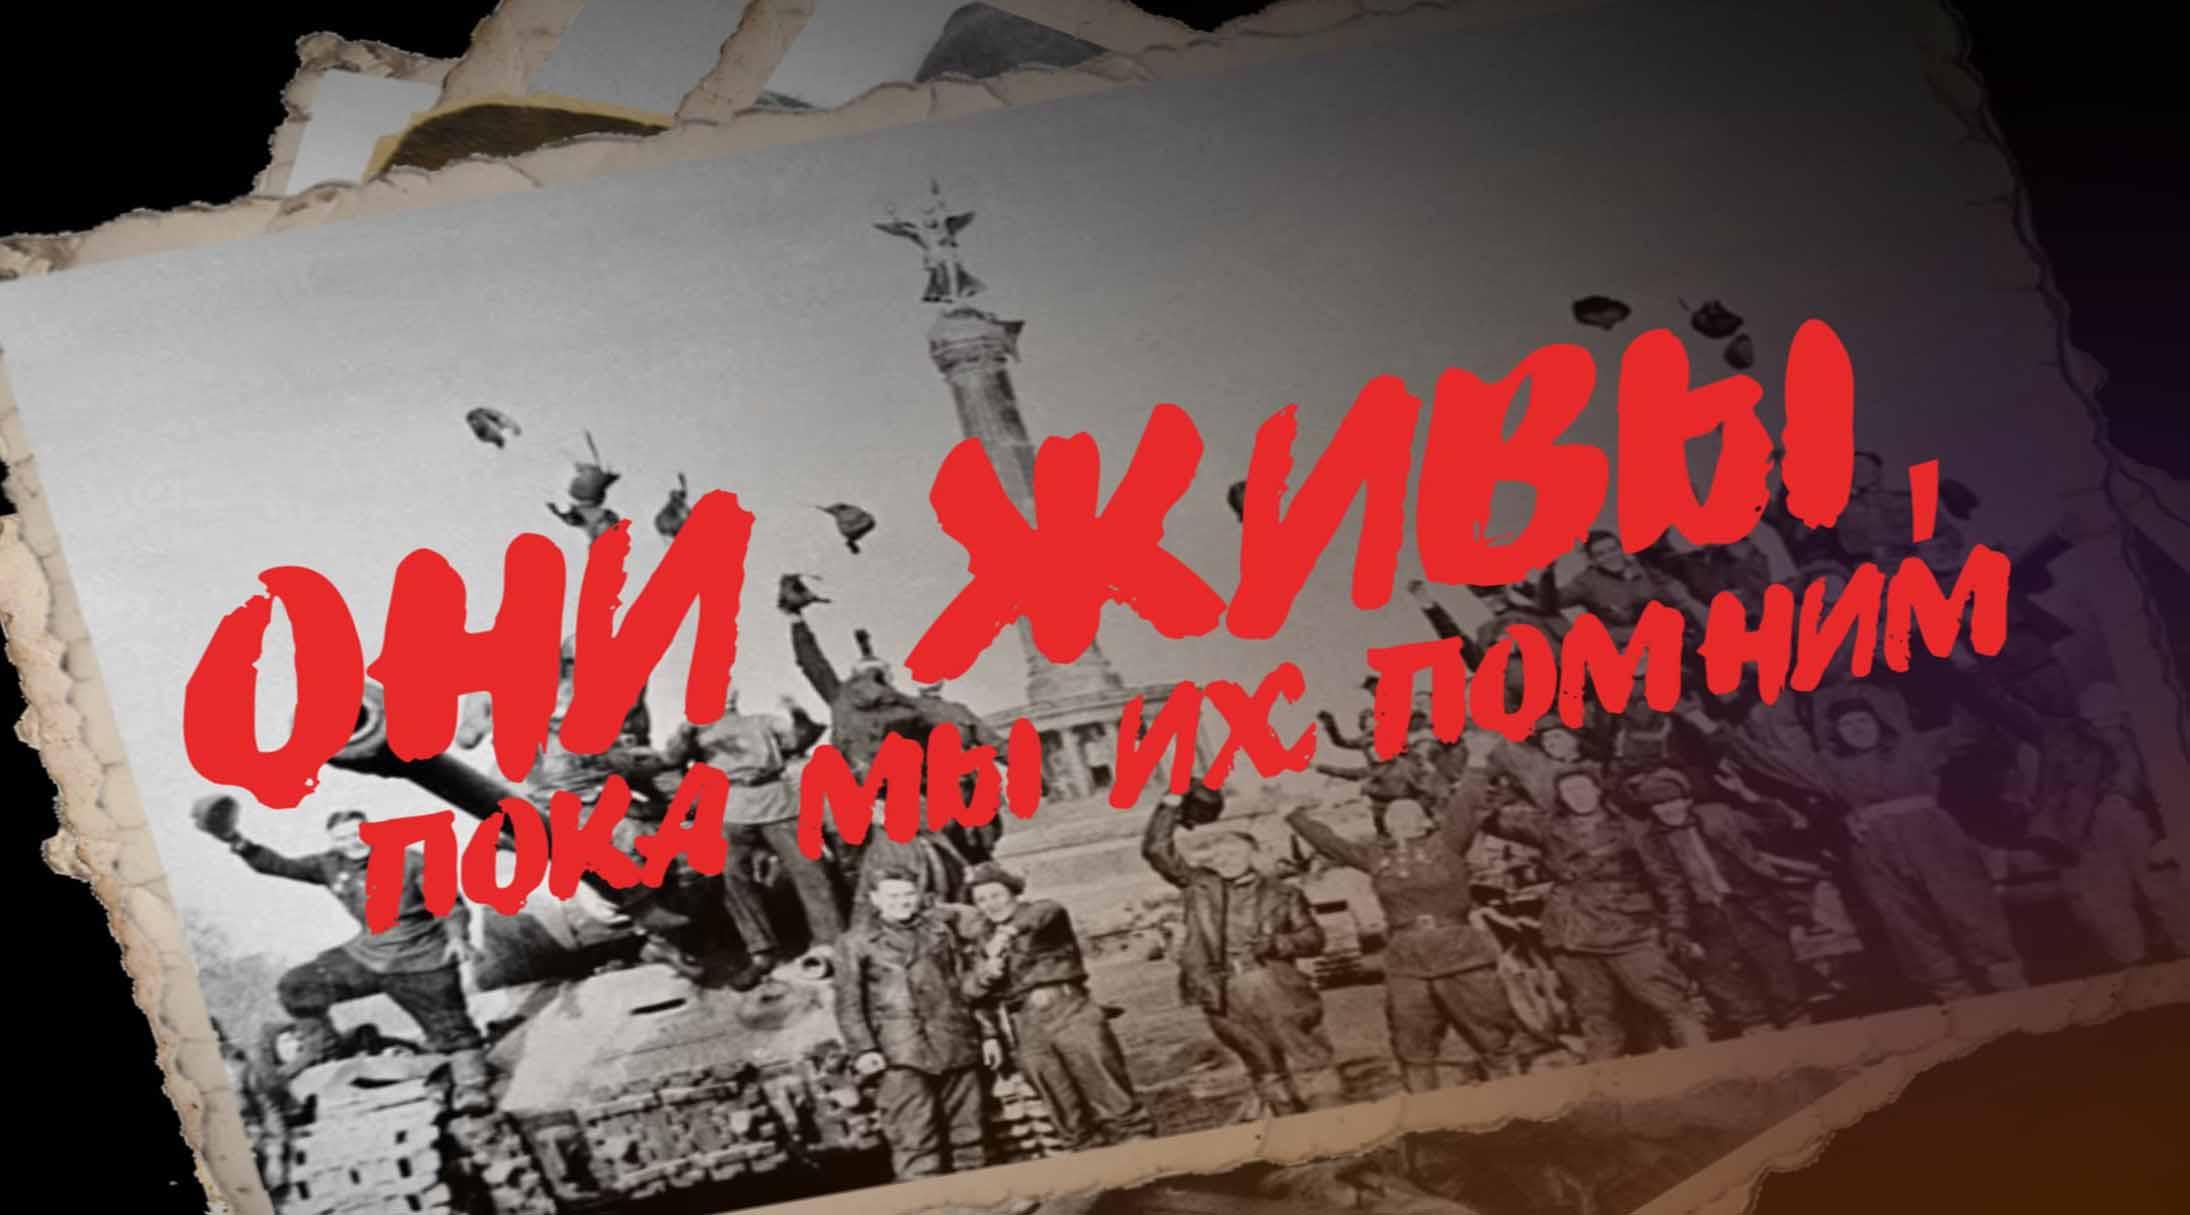 Они живы, пока мы их помним: Ветеран Семен Протопопов о знаменитом сражении в «Курляндском котле»